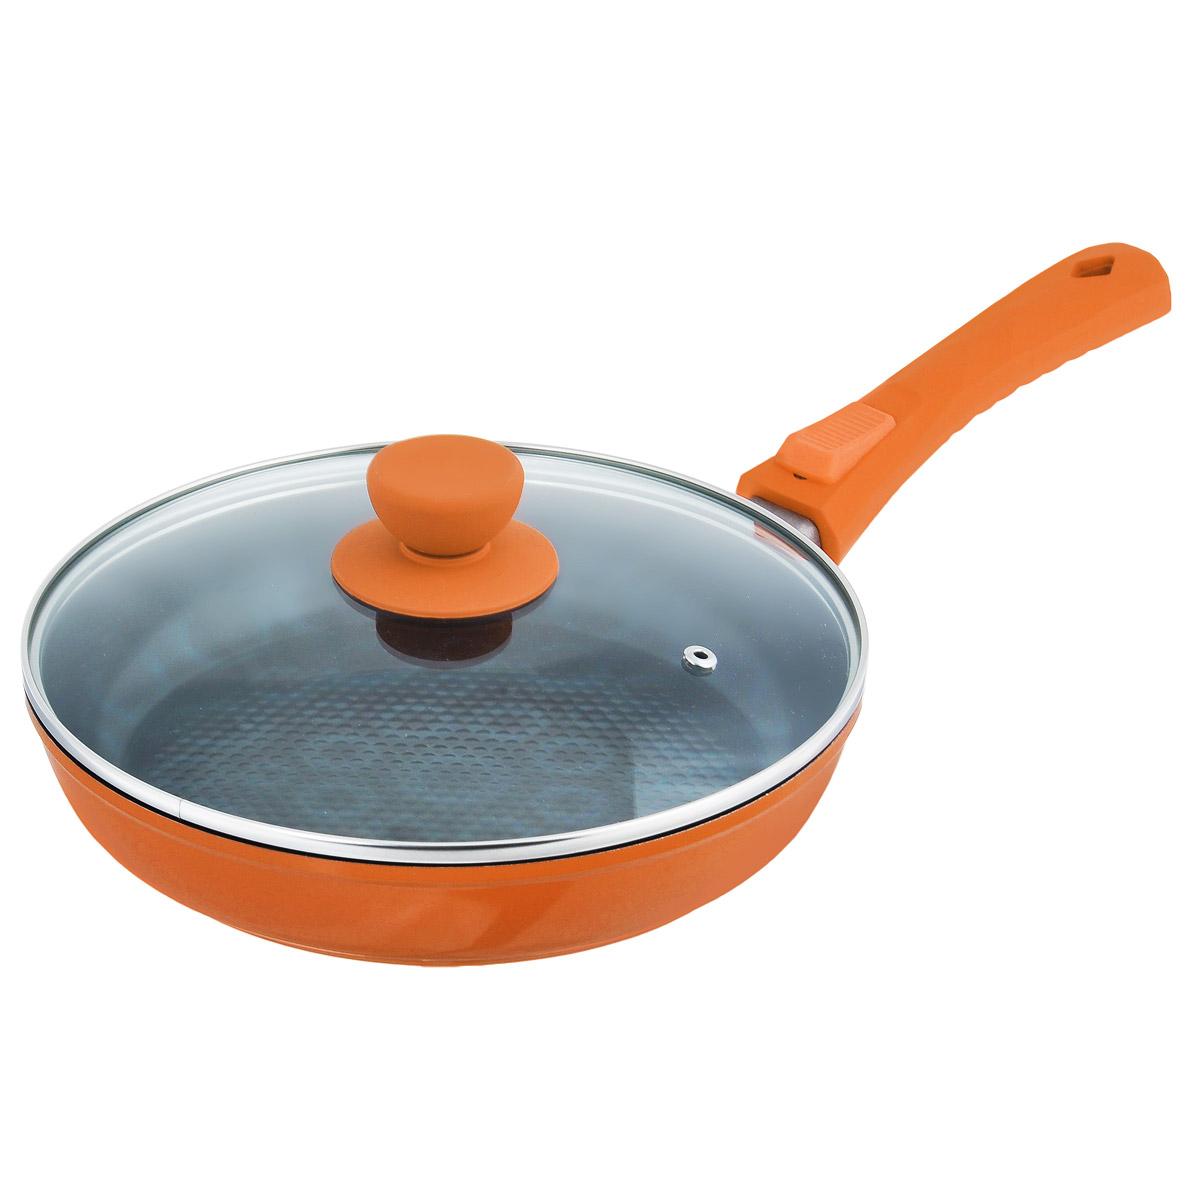 Сковорода Bohmann с крышкой, с керамическим 3D покрытием, со съемной ручкой, цвет: оранжевый. Диаметр 24 смFS-80299Сковорода Bohmann изготовлена из литого алюминия с антипригарным керамическим покрытием черного цвета с эффектом 3D. Внешнее покрытие - жаростойкий лак, который сохраняет цвет долгое время. Благодаря керамическому покрытию пища не пригорает и не прилипает к поверхности сковороды, что позволяет готовить с минимальным количеством масла. Кроме того, такое покрытие абсолютно безопасно для здоровья человека, так как не содержит вредной примеси PFOA. Рифленая внутренняя поверхность сковороды обеспечивает быстрое и легкое приготовление. Она также оформлена рисунком в виде голубых кружков с эффектом 3D.Достоинства керамического покрытия: - устойчивость к высоким температурам и резким перепадам температур, - устойчивость к царапающим кухонным принадлежностям и абразивным моющим средствам, - устойчивость к коррозии, - водоотталкивающий эффект, - покрытие способствует испарению воды во время готовки, - длительный срок службы, - безопасность для окружающей среды и человека. Сковорода быстро разогревается, распределяя тепло по всей поверхности, что позволяет готовить в энергосберегающем режиме, значительно сокращая время, проведенное у плиты. Сковорода оснащена съемной ручкой, выполненной из бакелита с термостойким силиконовым покрытием. Такая ручка не нагревается в процессе готовки и обеспечивает надежный хват. Крышка изготовлена из жаропрочного стекла, оснащена ручкой, отверстием для выпуска пара и металлическим ободом. Благодаря такой крышке можно следить за приготовлением пищи без потери тепла. Подходит для всех типов плит, кроме индукционных. Подходит для чистки в посудомоечной машине.